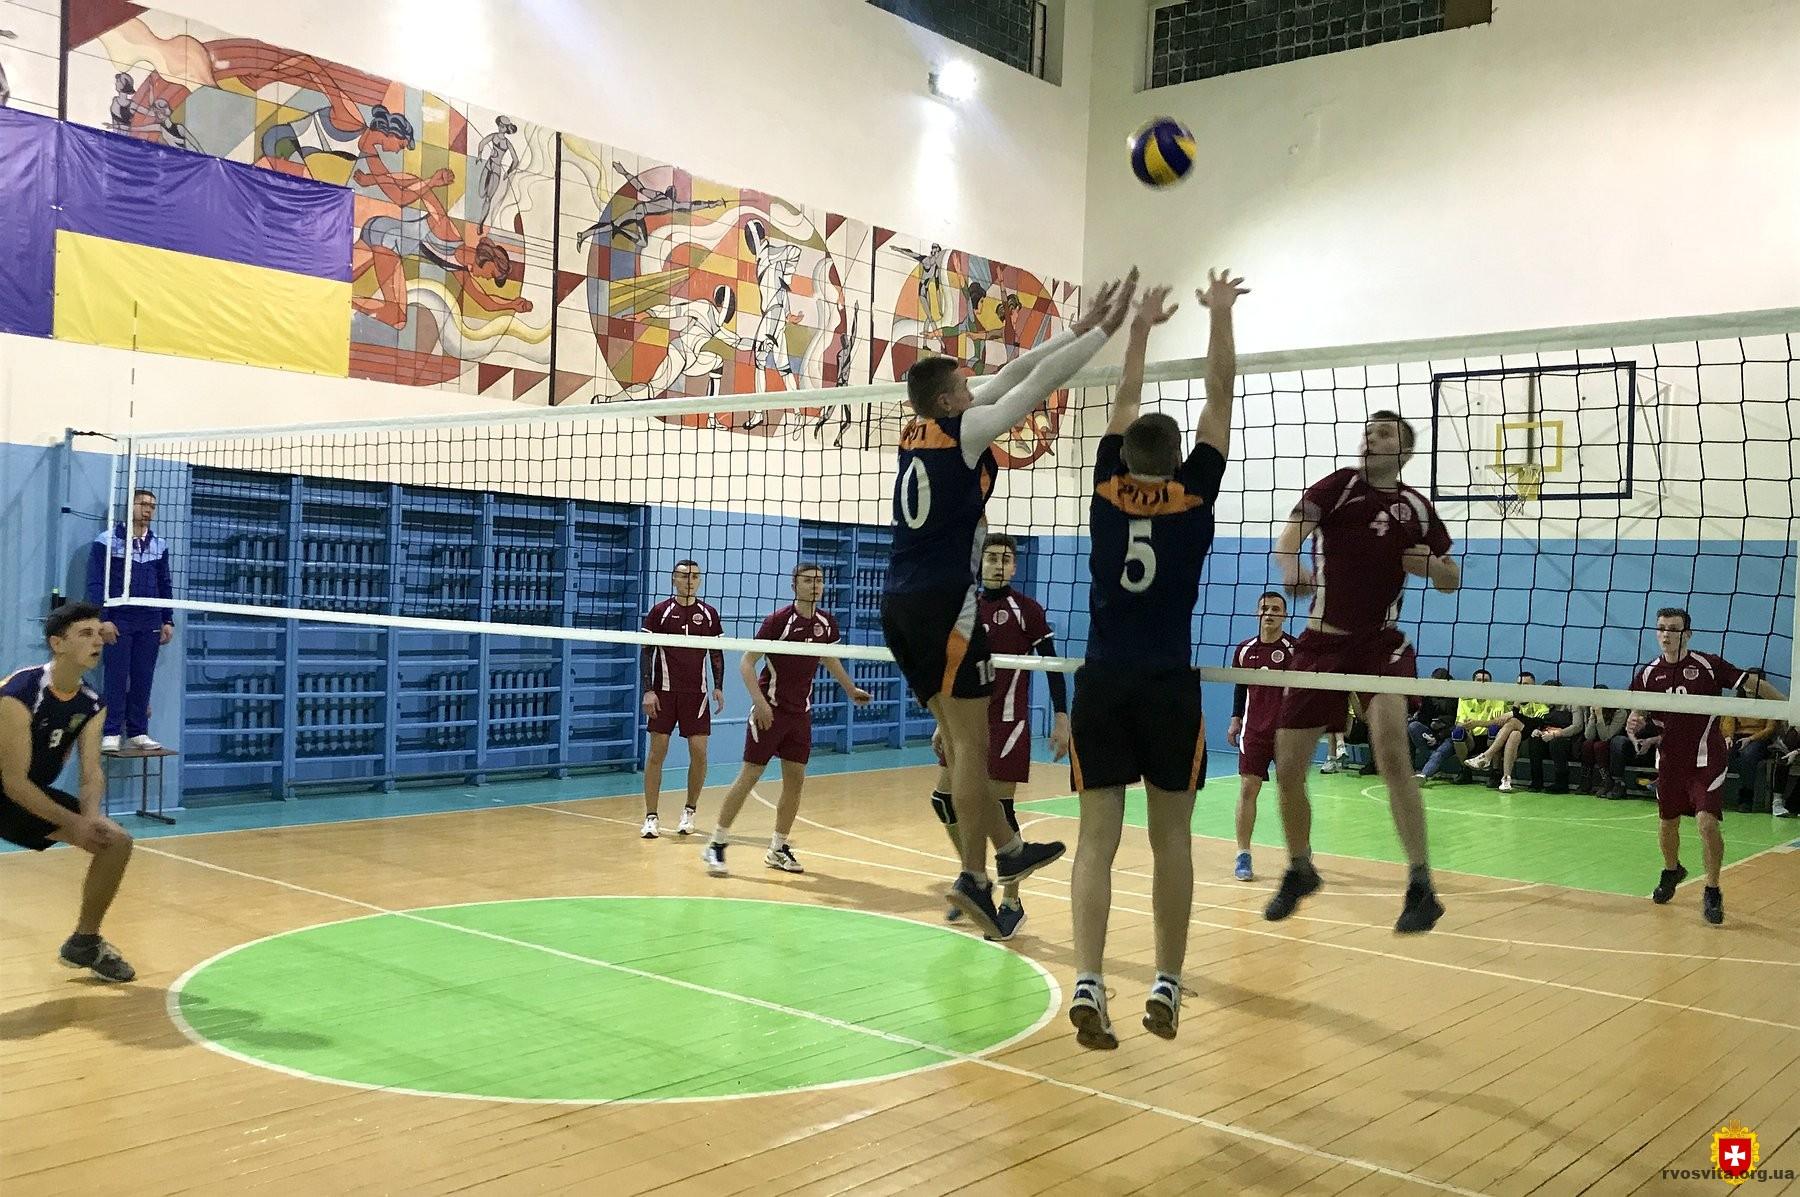 Визначено переможців Спартакіади з волейболу серед закладів професійно-технічної освіти області